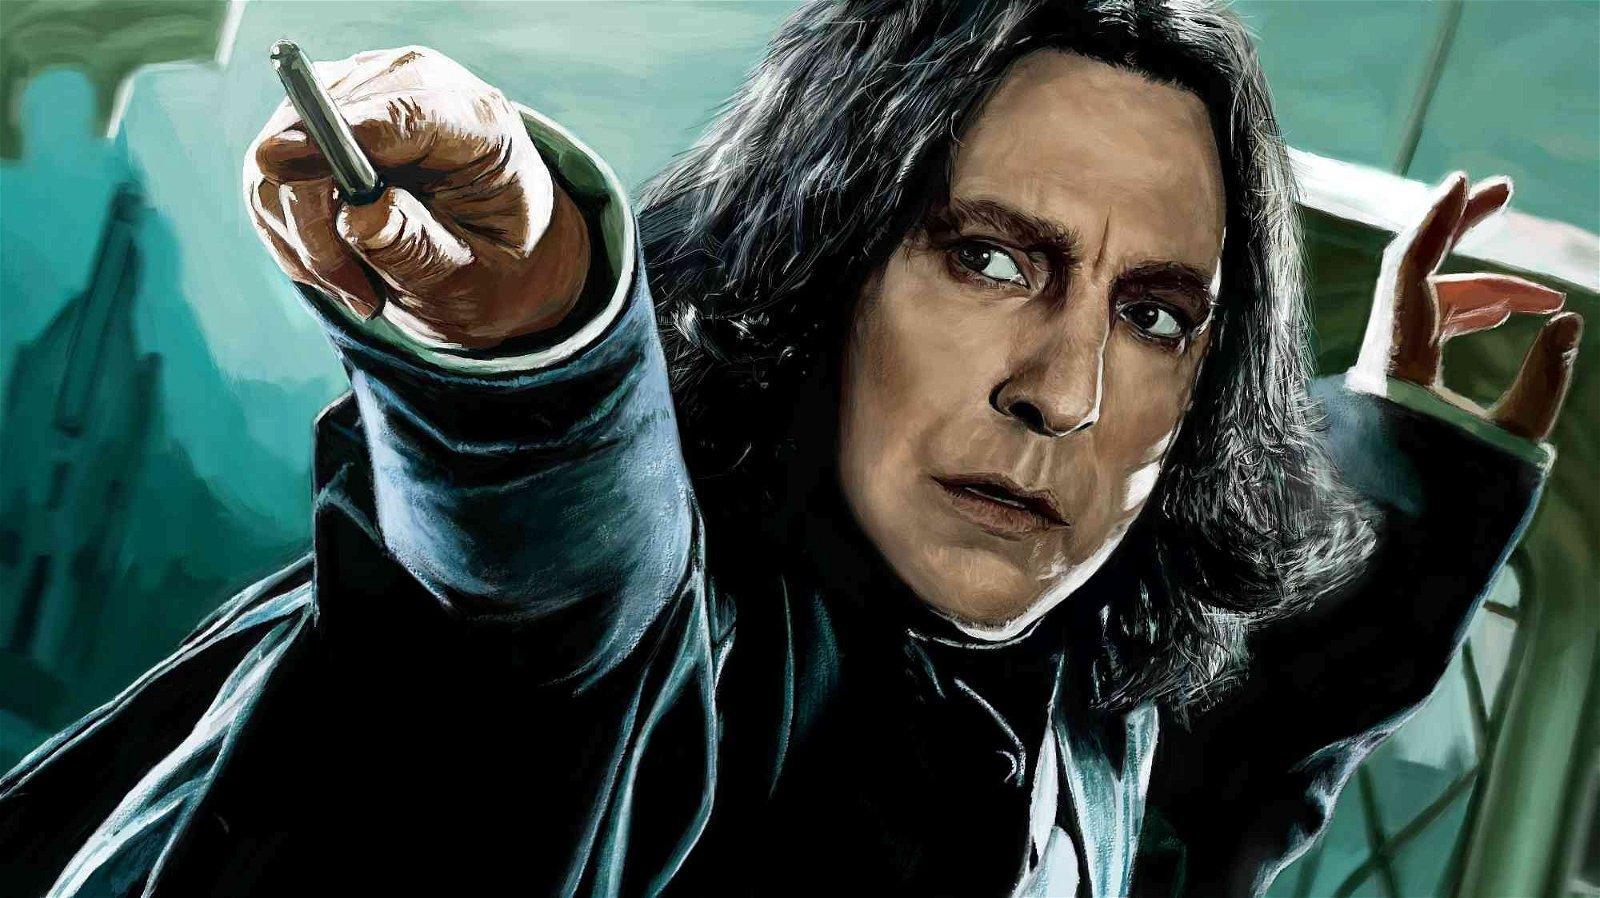 Harry Potter: Los fans tienen una nueva e inquietante teoría sobre Snape